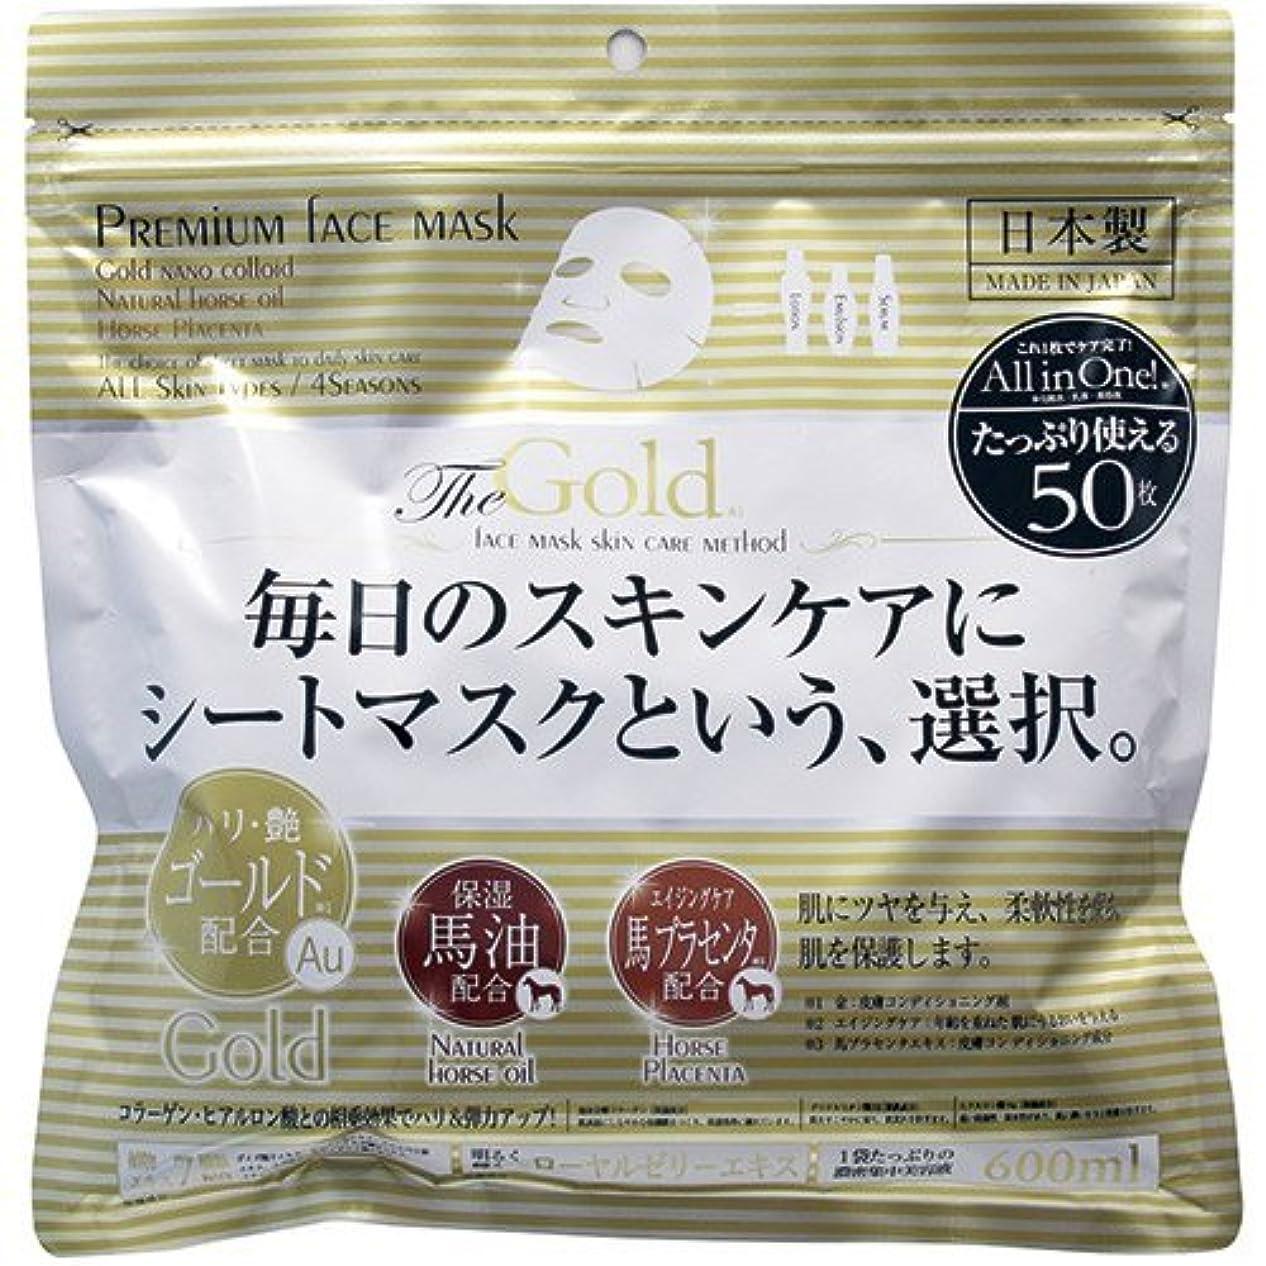 悪の苦しみ寄付【進製作所】プレミアムフェイスマスク ゴールド 50枚 ×5個セット